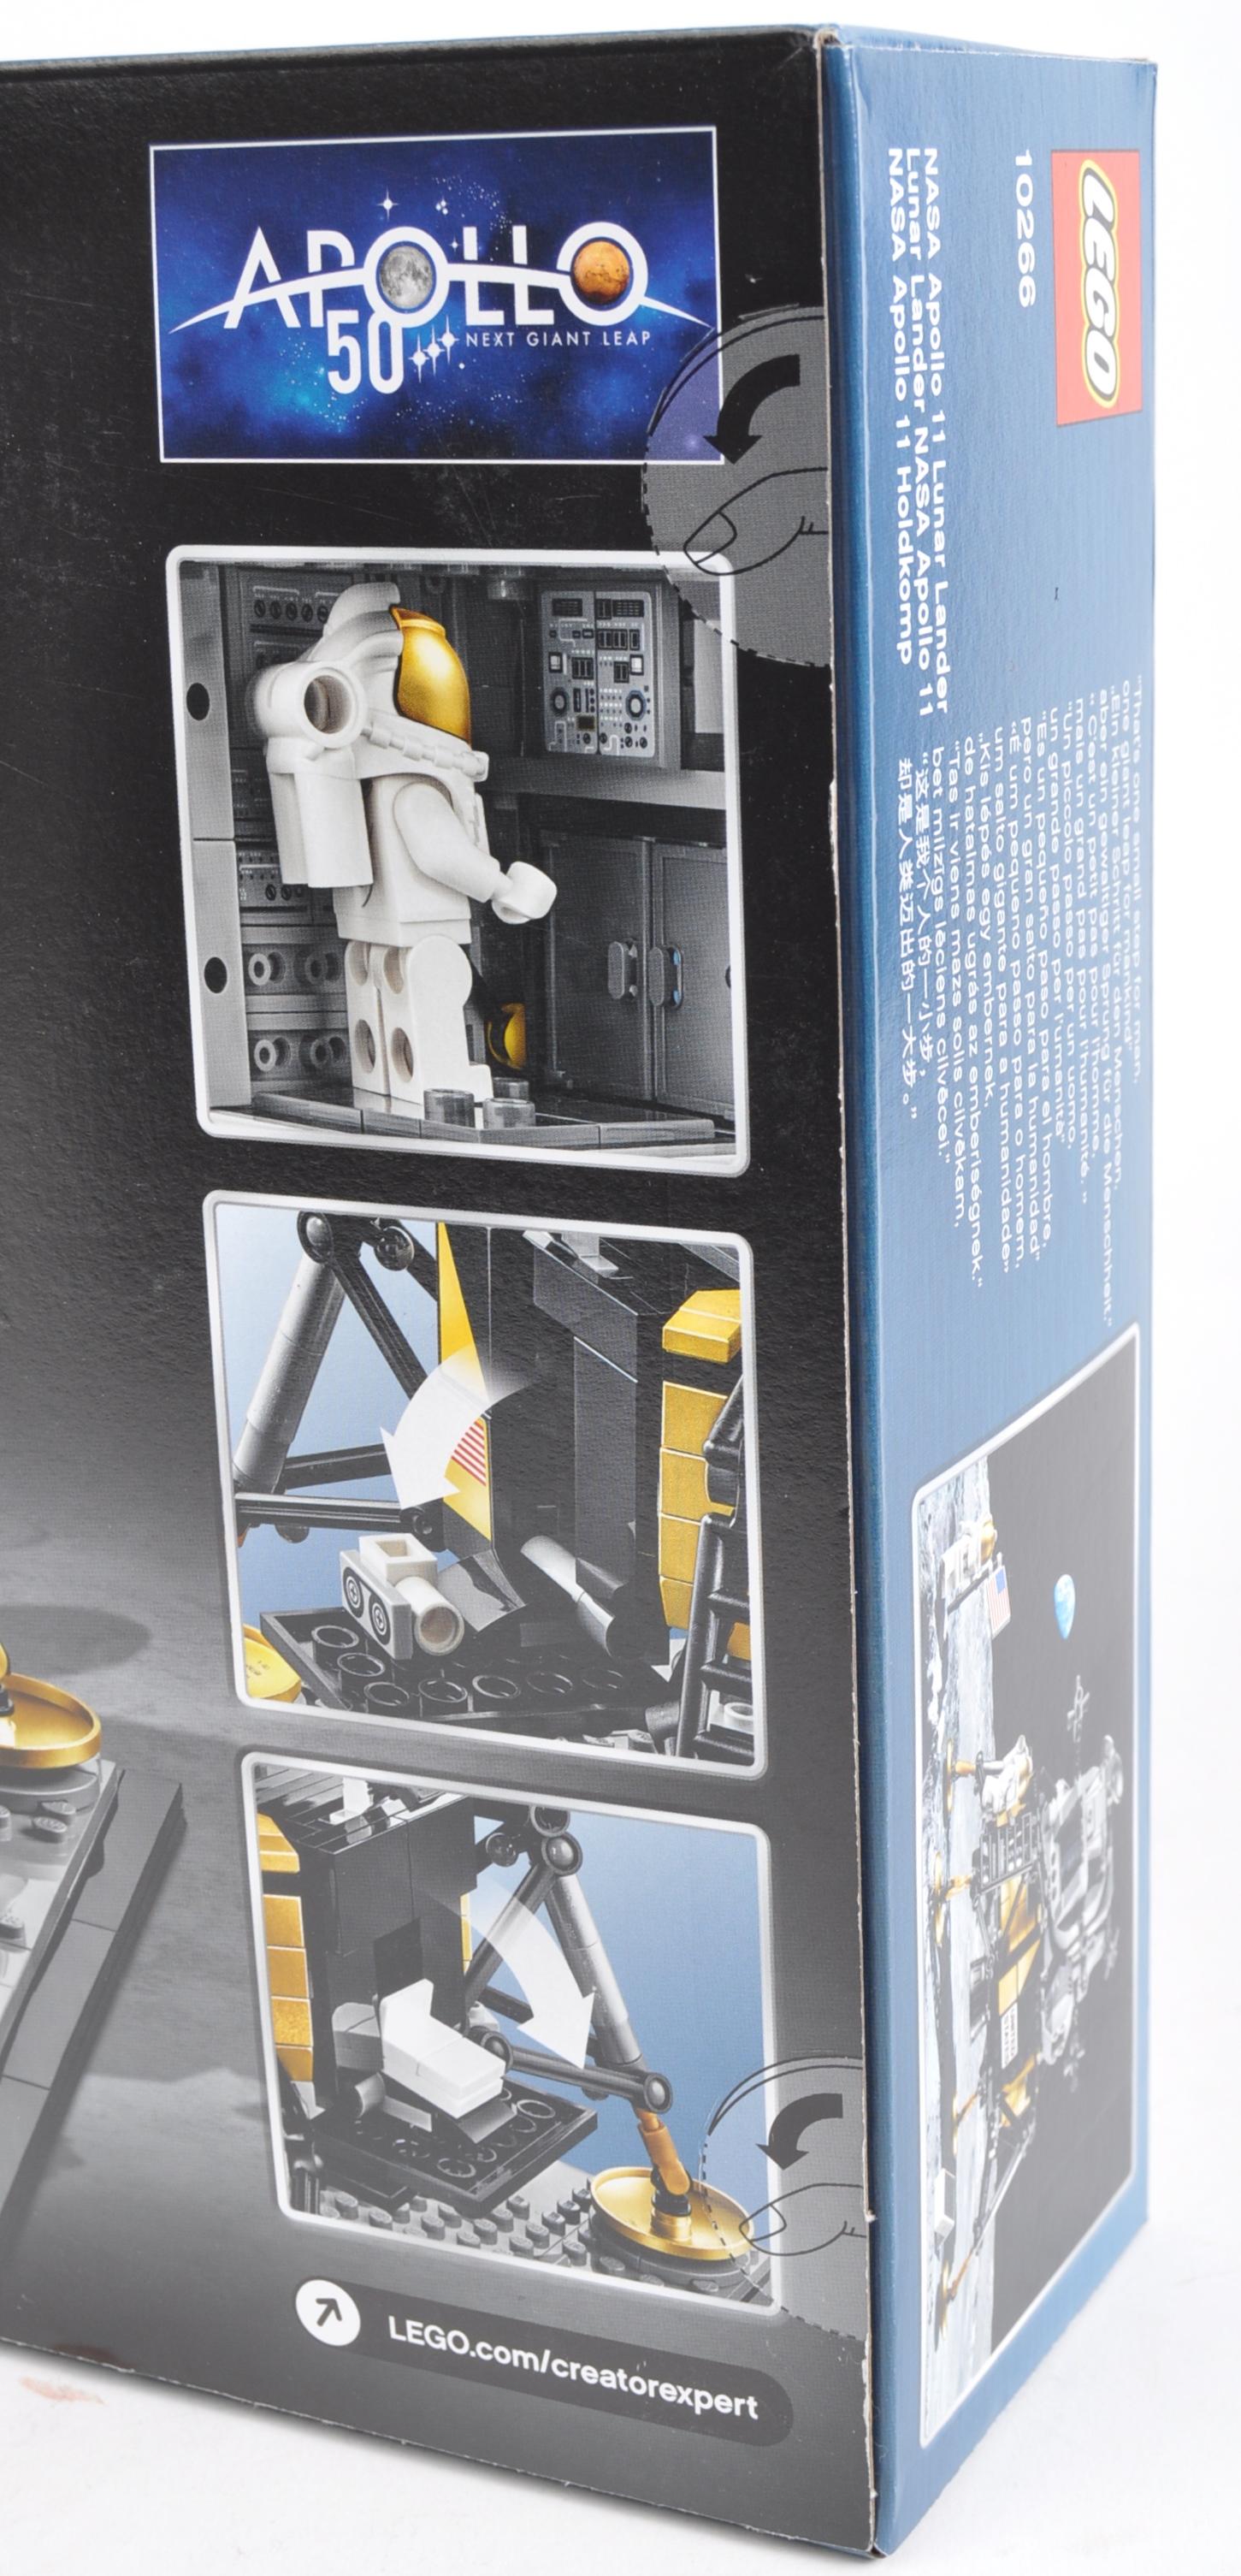 LEGO SET - LEGO CREATOR - 10266 - NASA APOLLO 11 LUNAR LANDER - Image 3 of 3